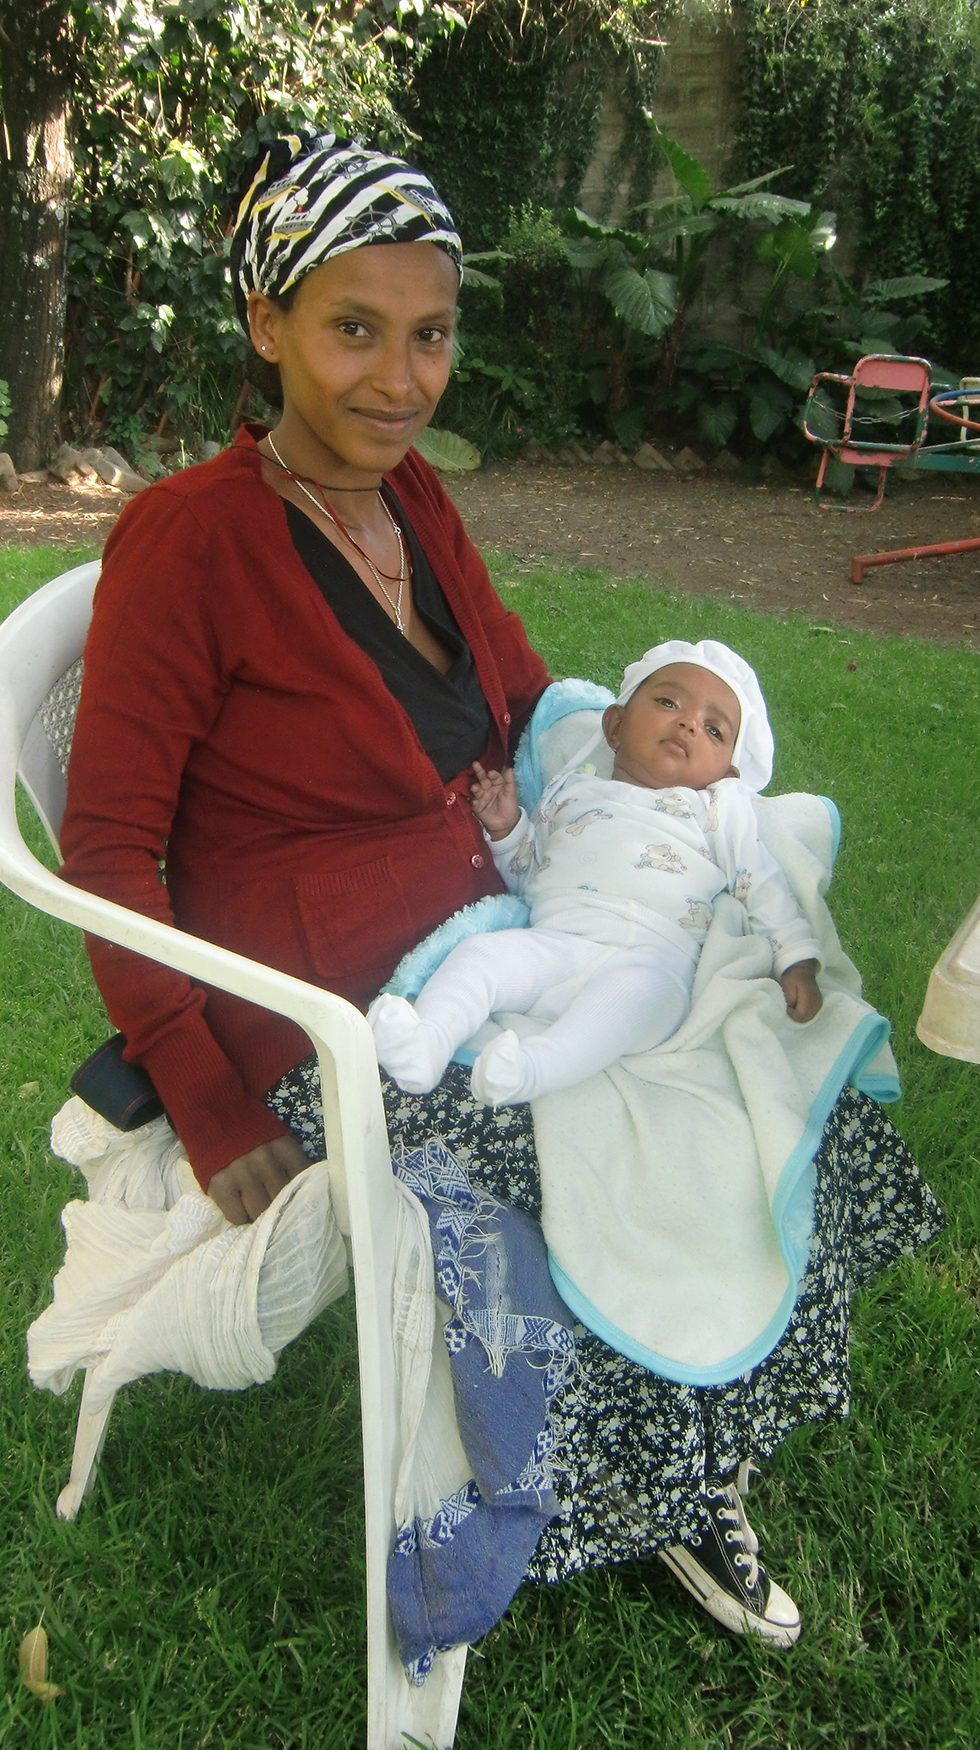 2017 - Bizunesh, die Frau von Duke (# 27) mit ihrem Baby Lea